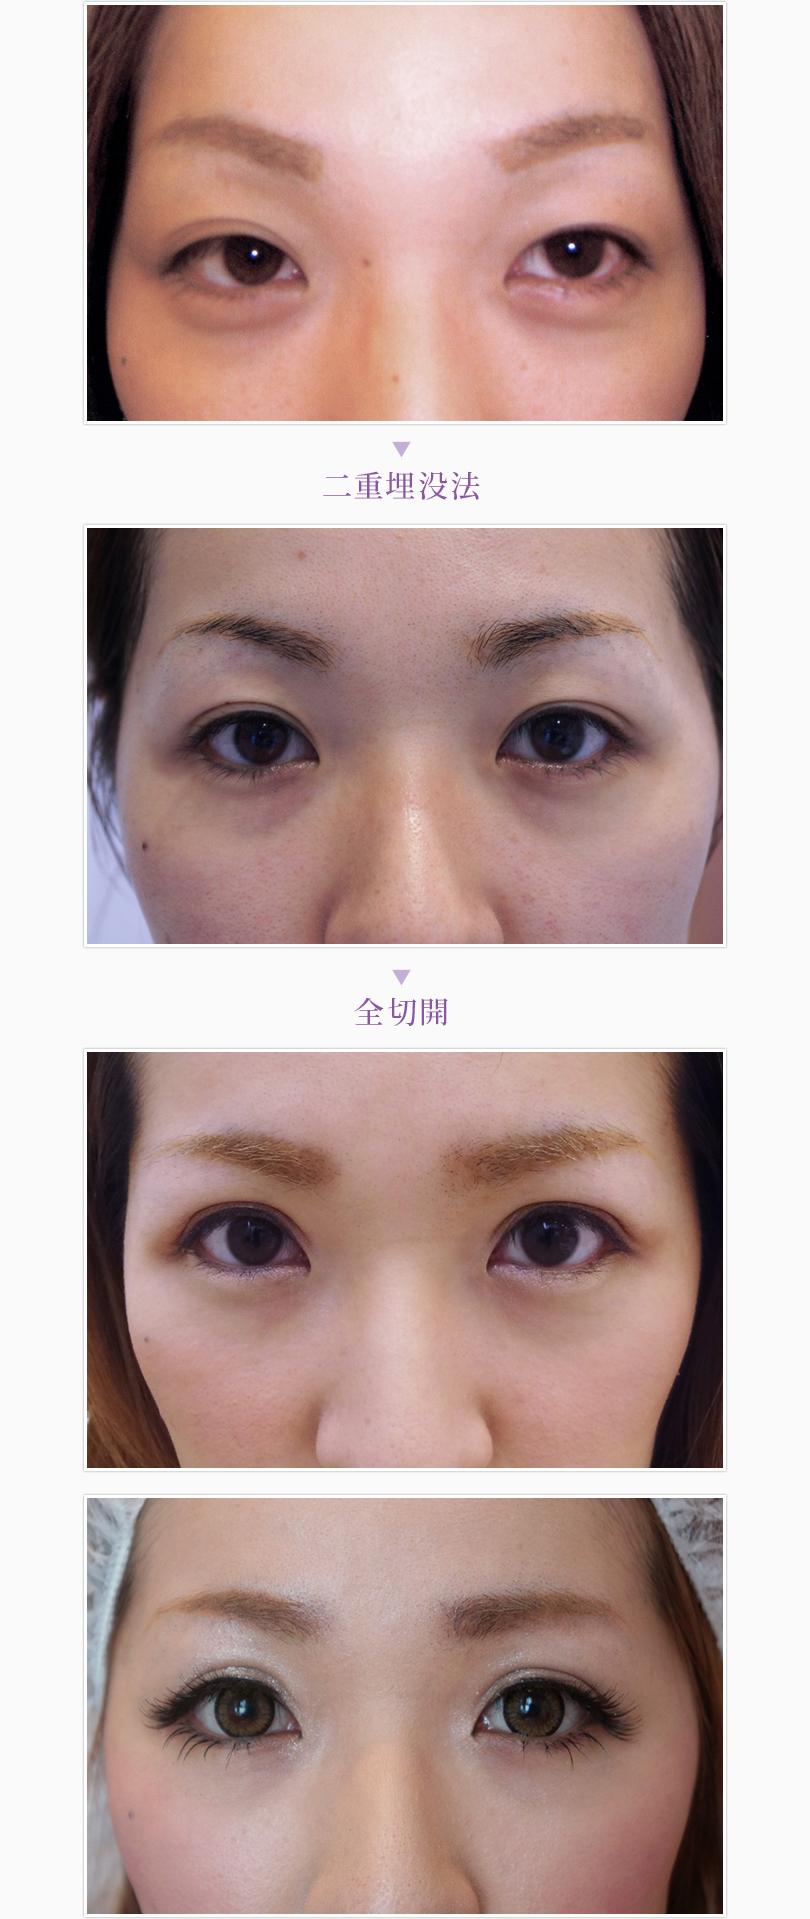 切開 二 傷跡 重 二重切開の傷跡の経過を症例写真で解説|共立美容外科